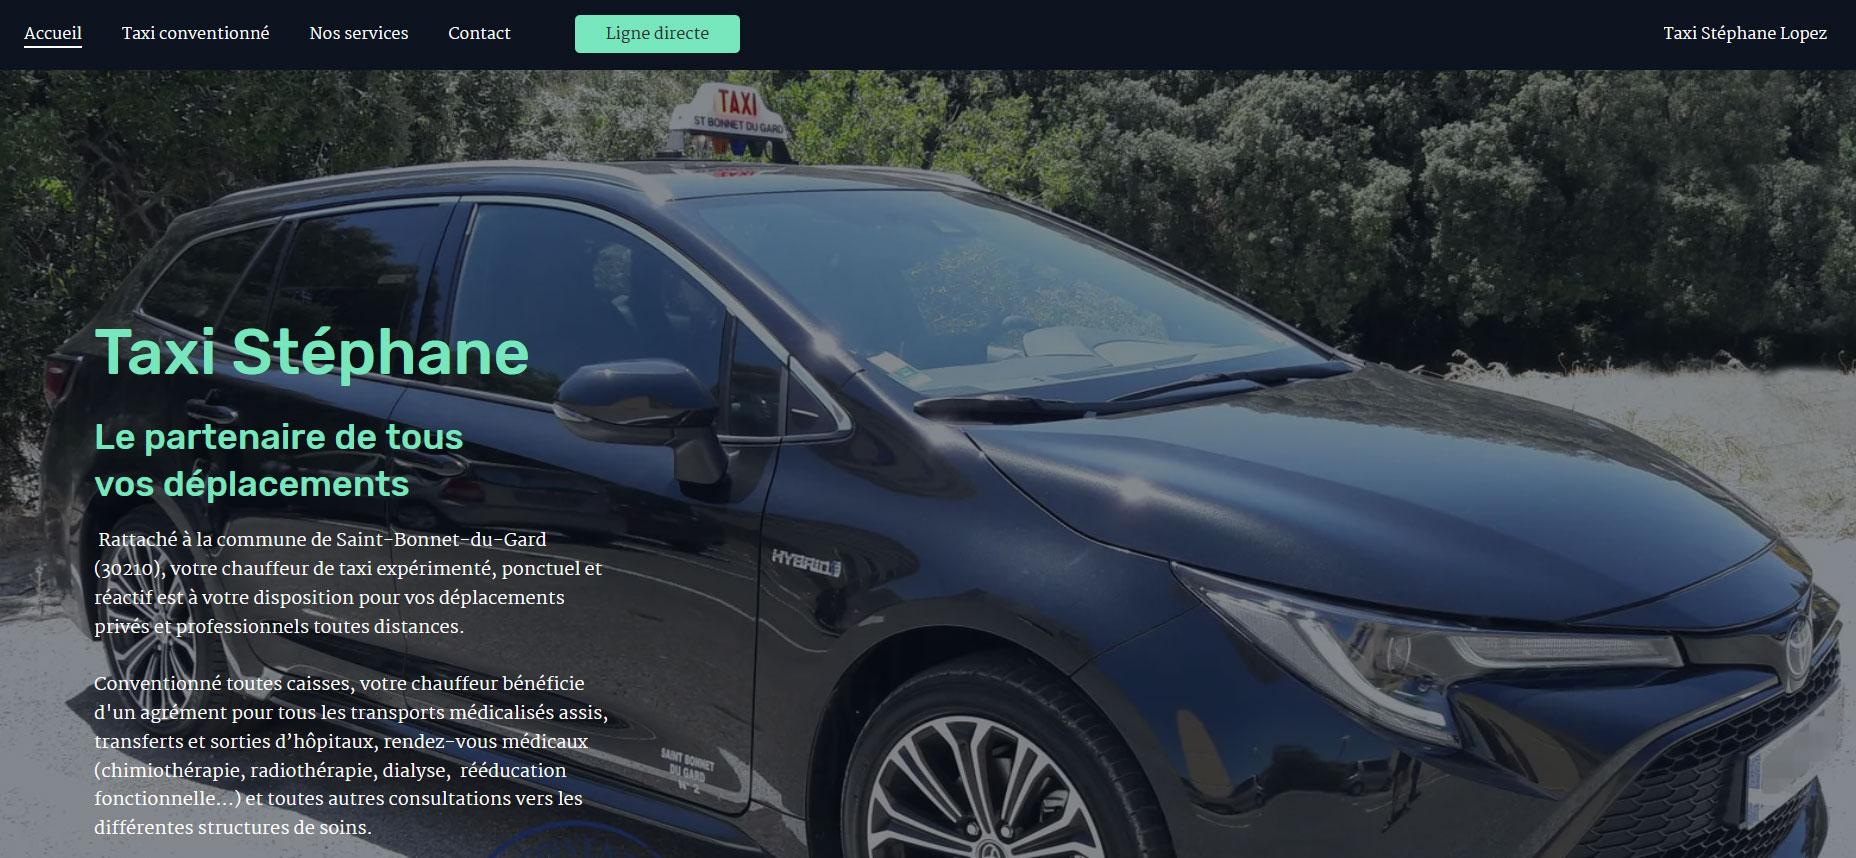 """Site web """"Taxi Stéphane Lopez"""""""